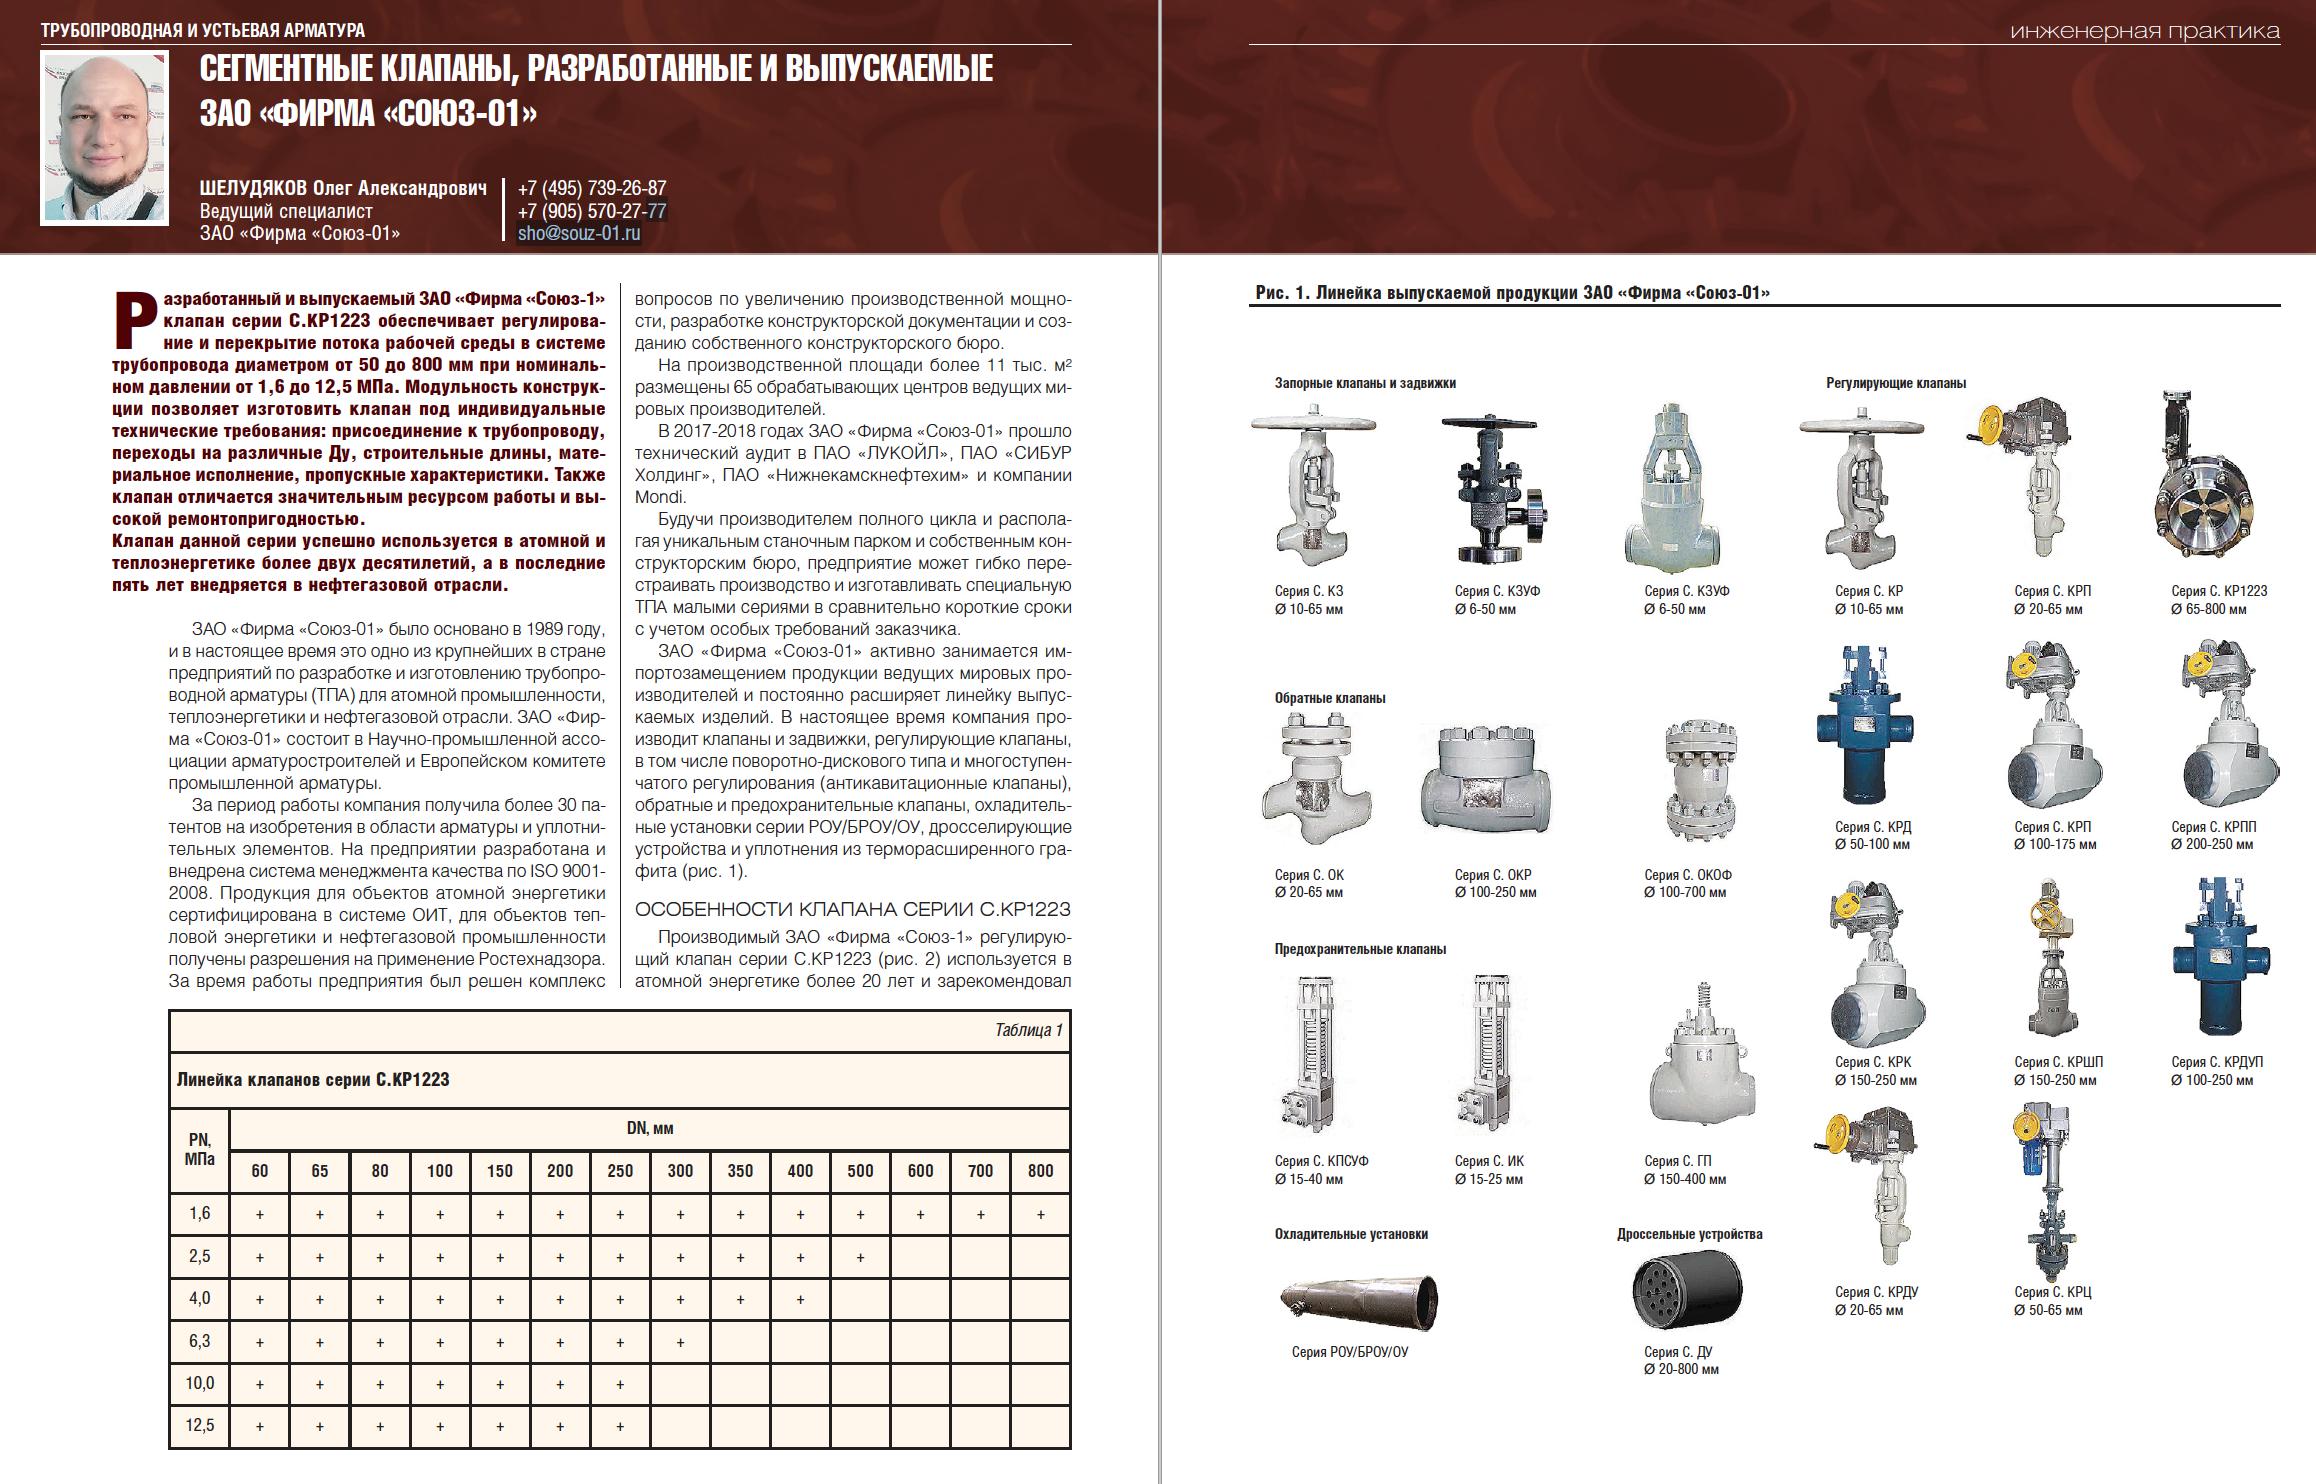 29392 Сегментные клапаны, разработанные и выпускаемые ЗАО «Фирма «Союз-01»